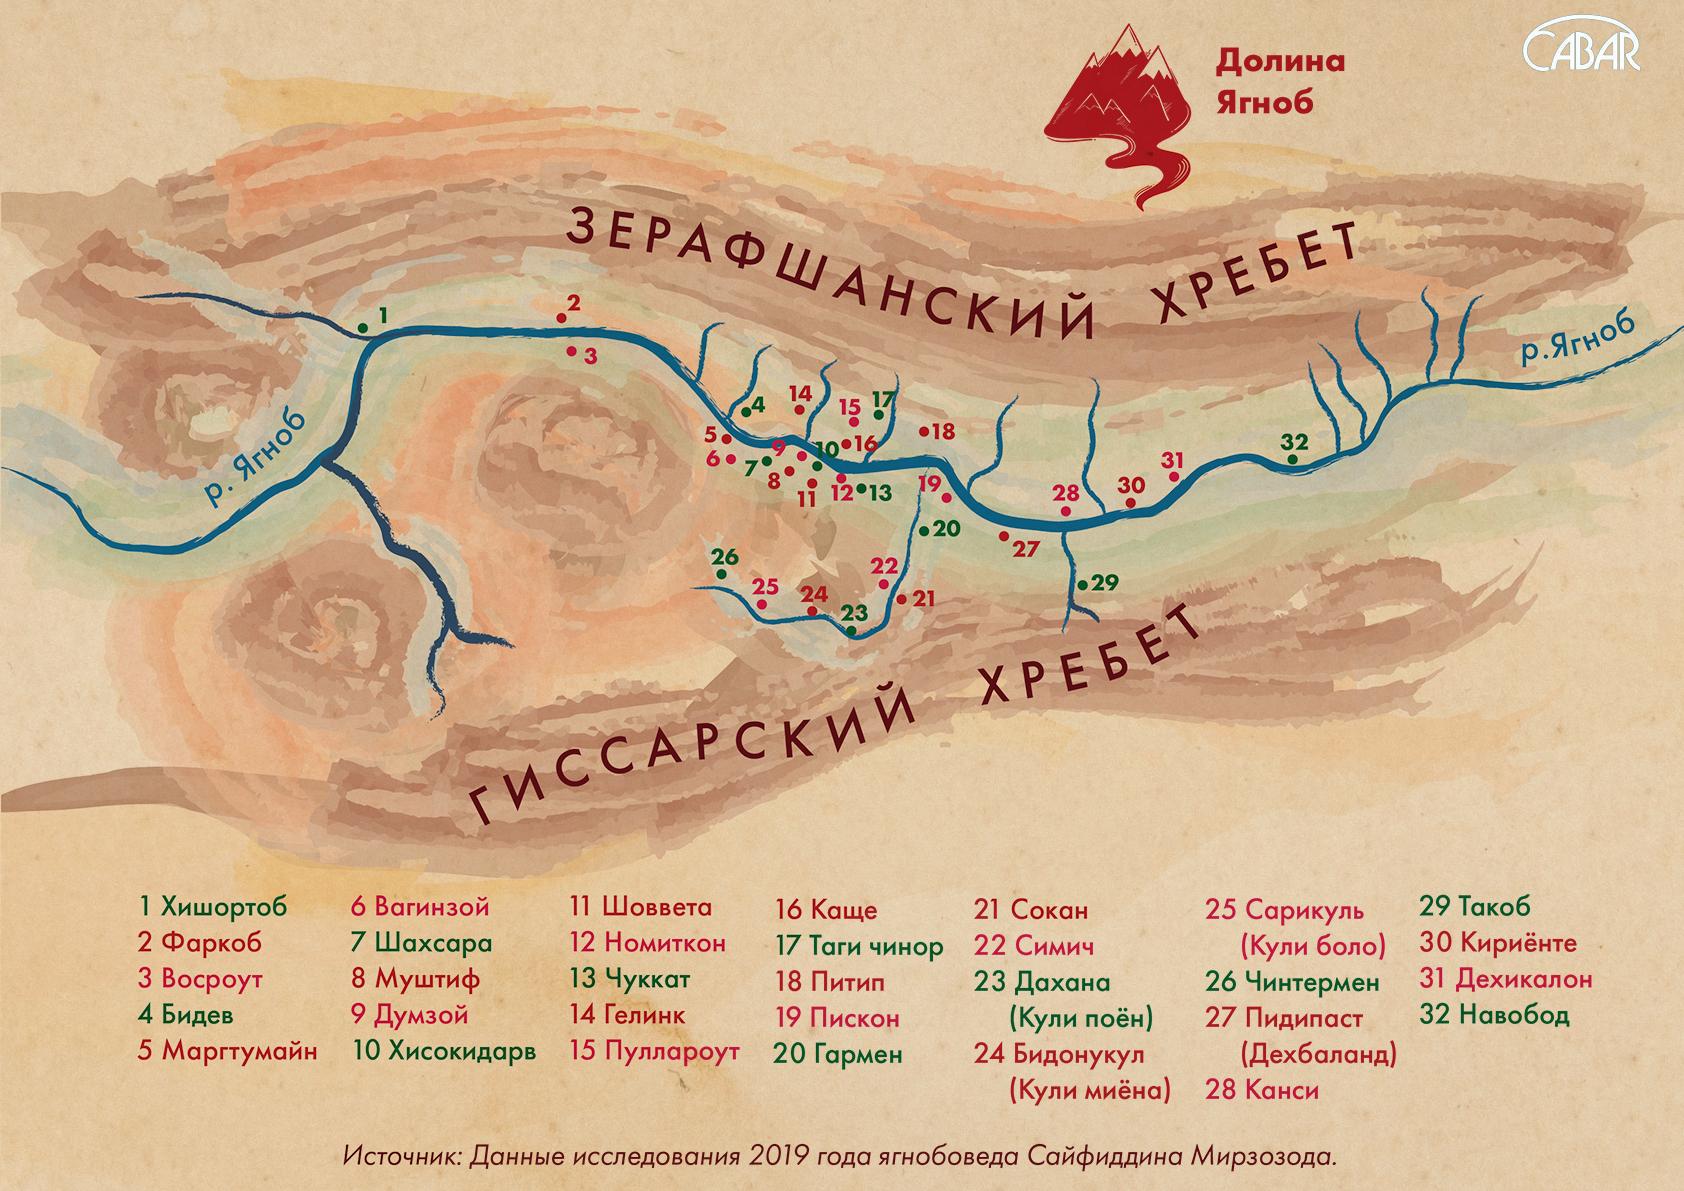 Карта сел долины Ягноб, в том числе заброшенных: Изготовлена по заказу CABAR.asia